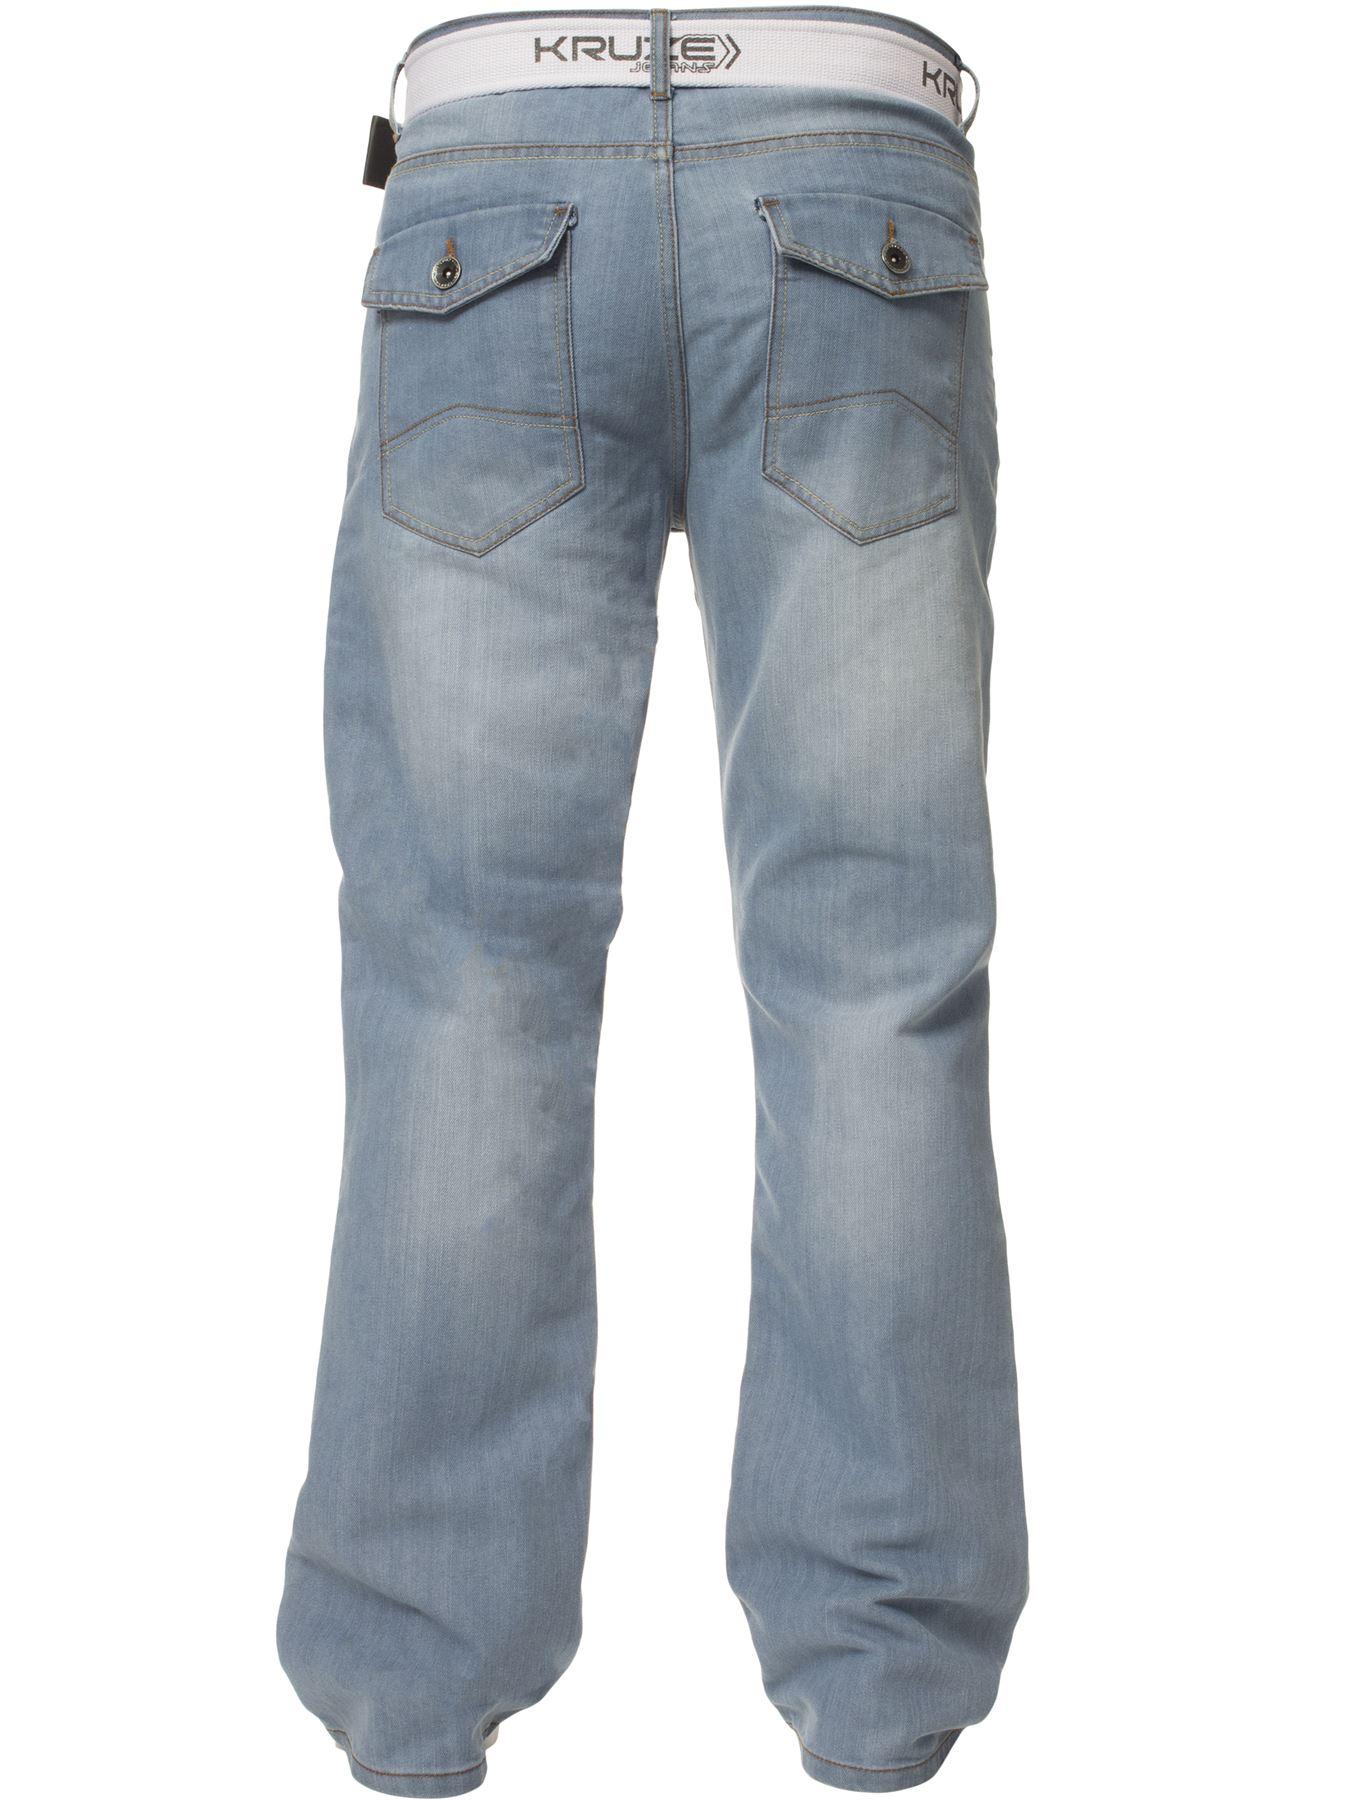 Kruze-Herren-Bootcut-Jeans-Ausgestellt-Weites-Bein-Denim-Hose-Gross-Hoch-Koenig Indexbild 13